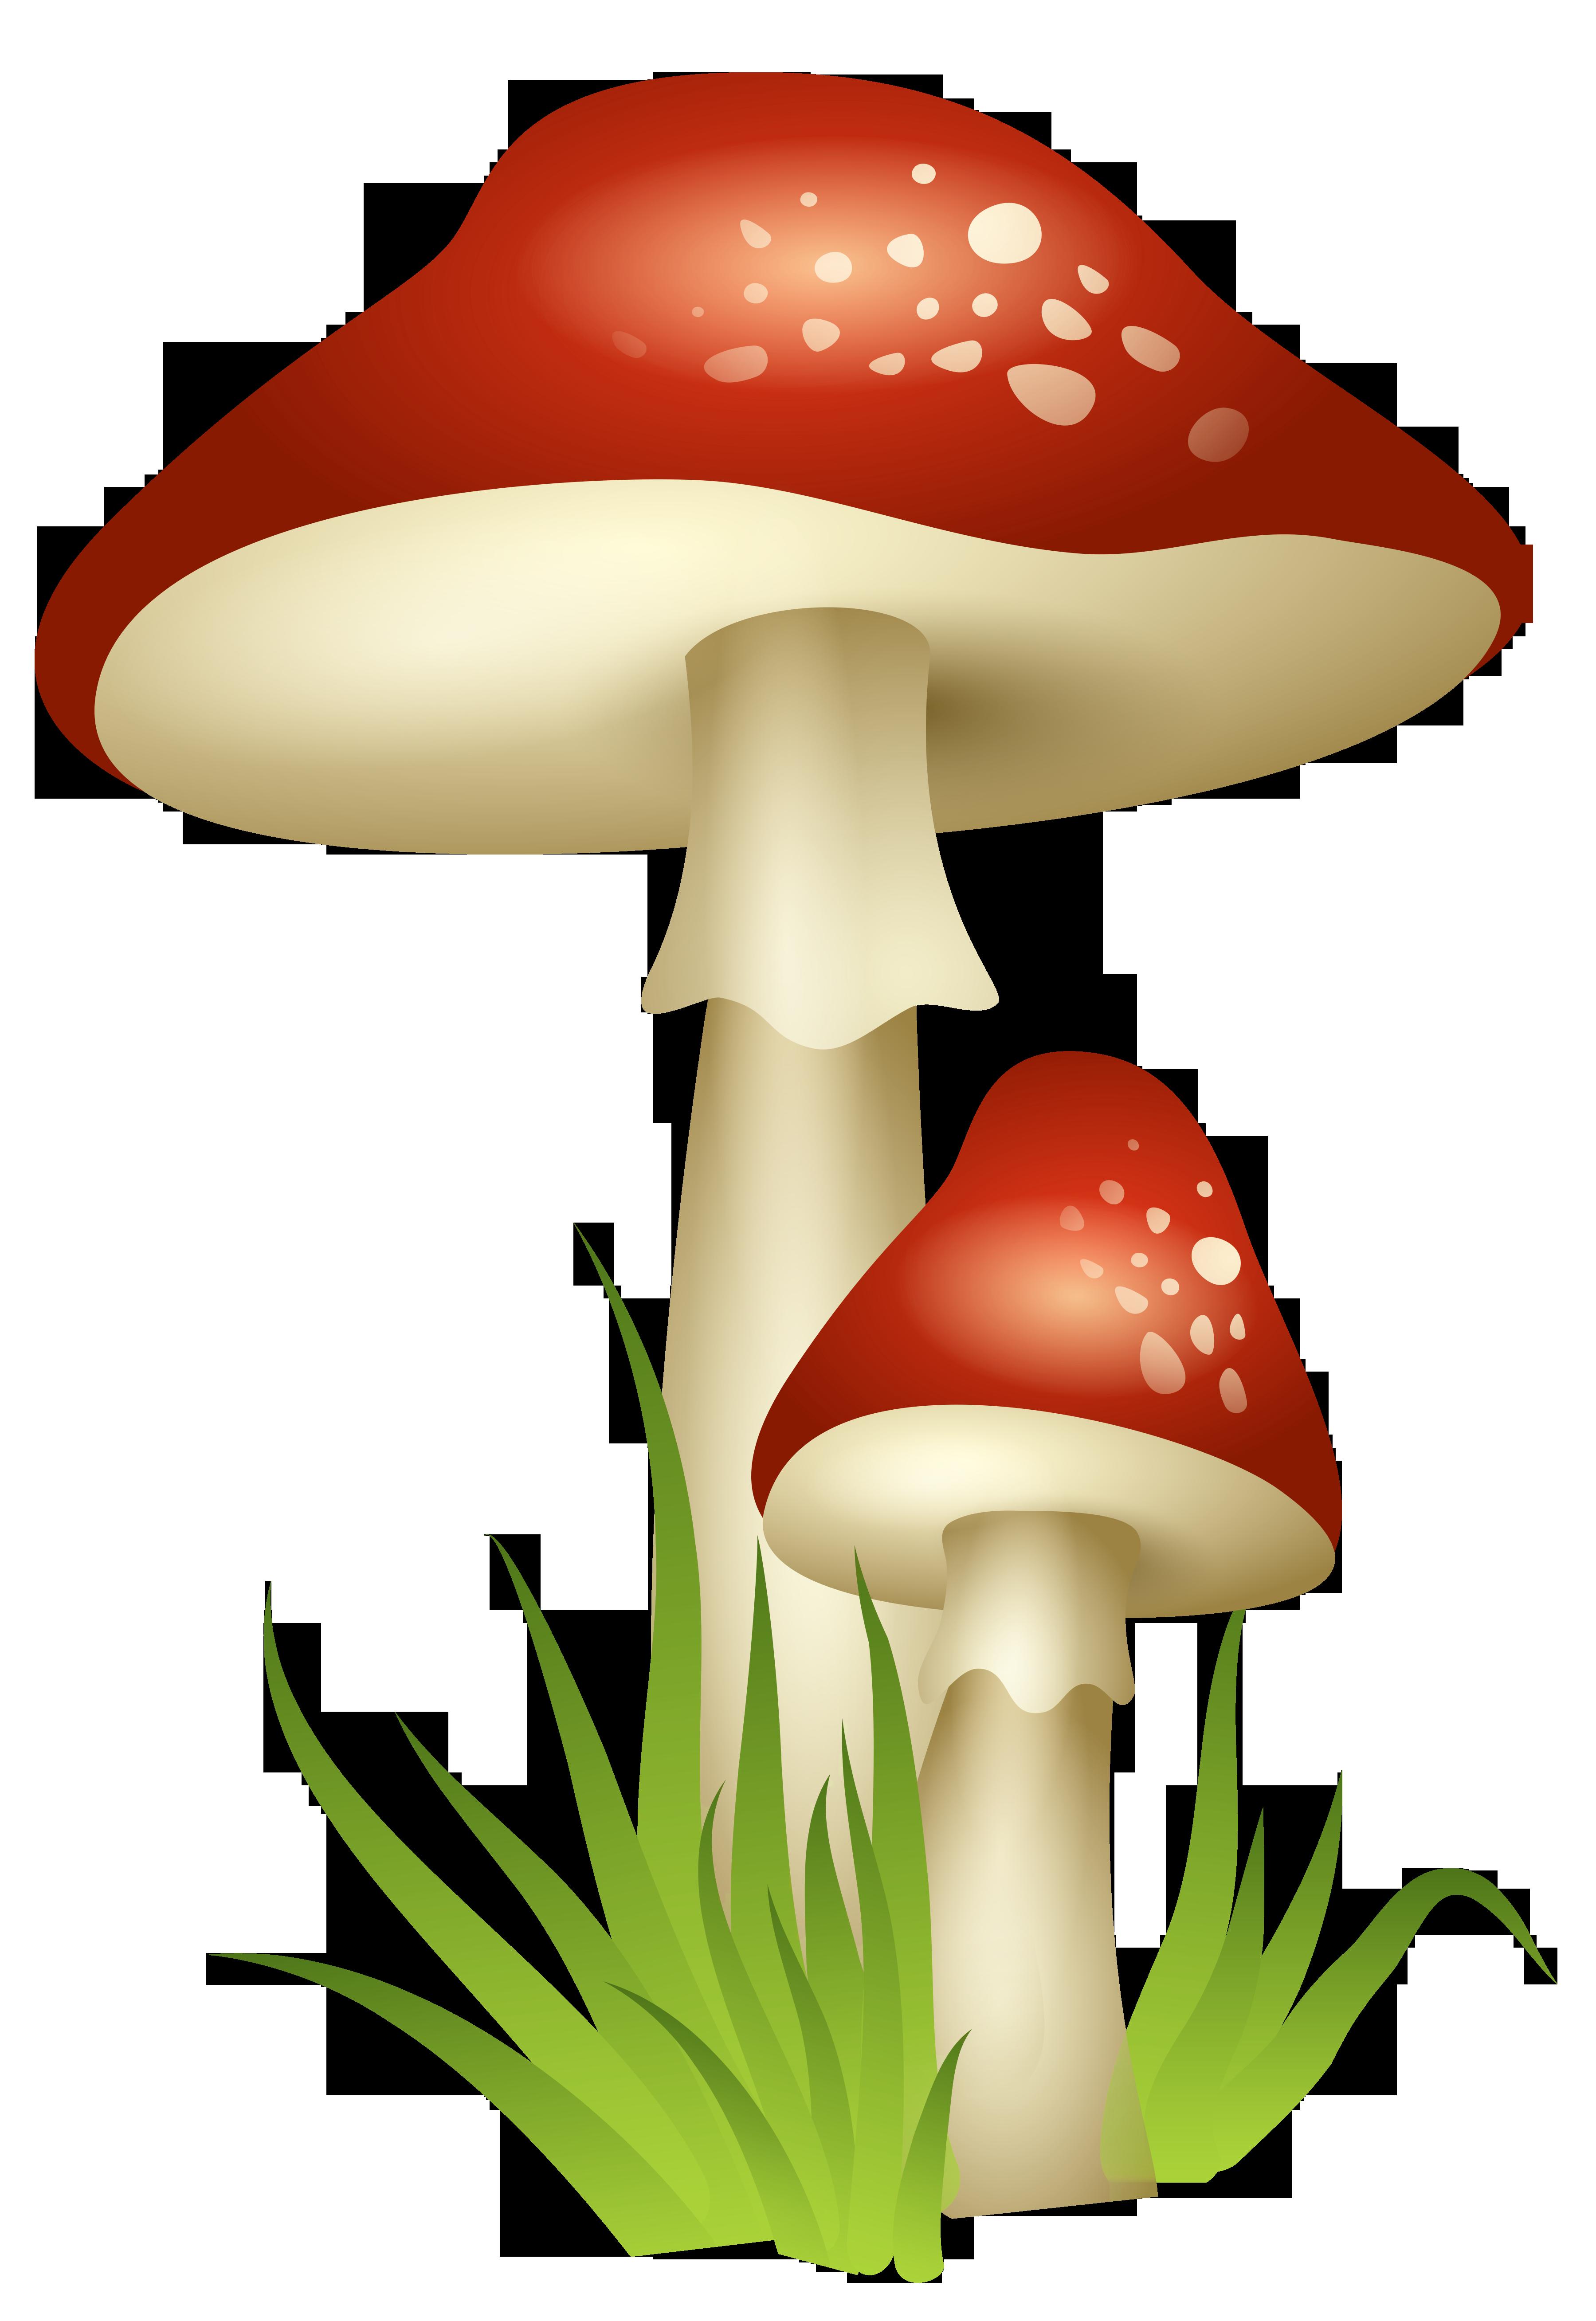 Mushrooms transparent png picture. Landscape clipart fairy